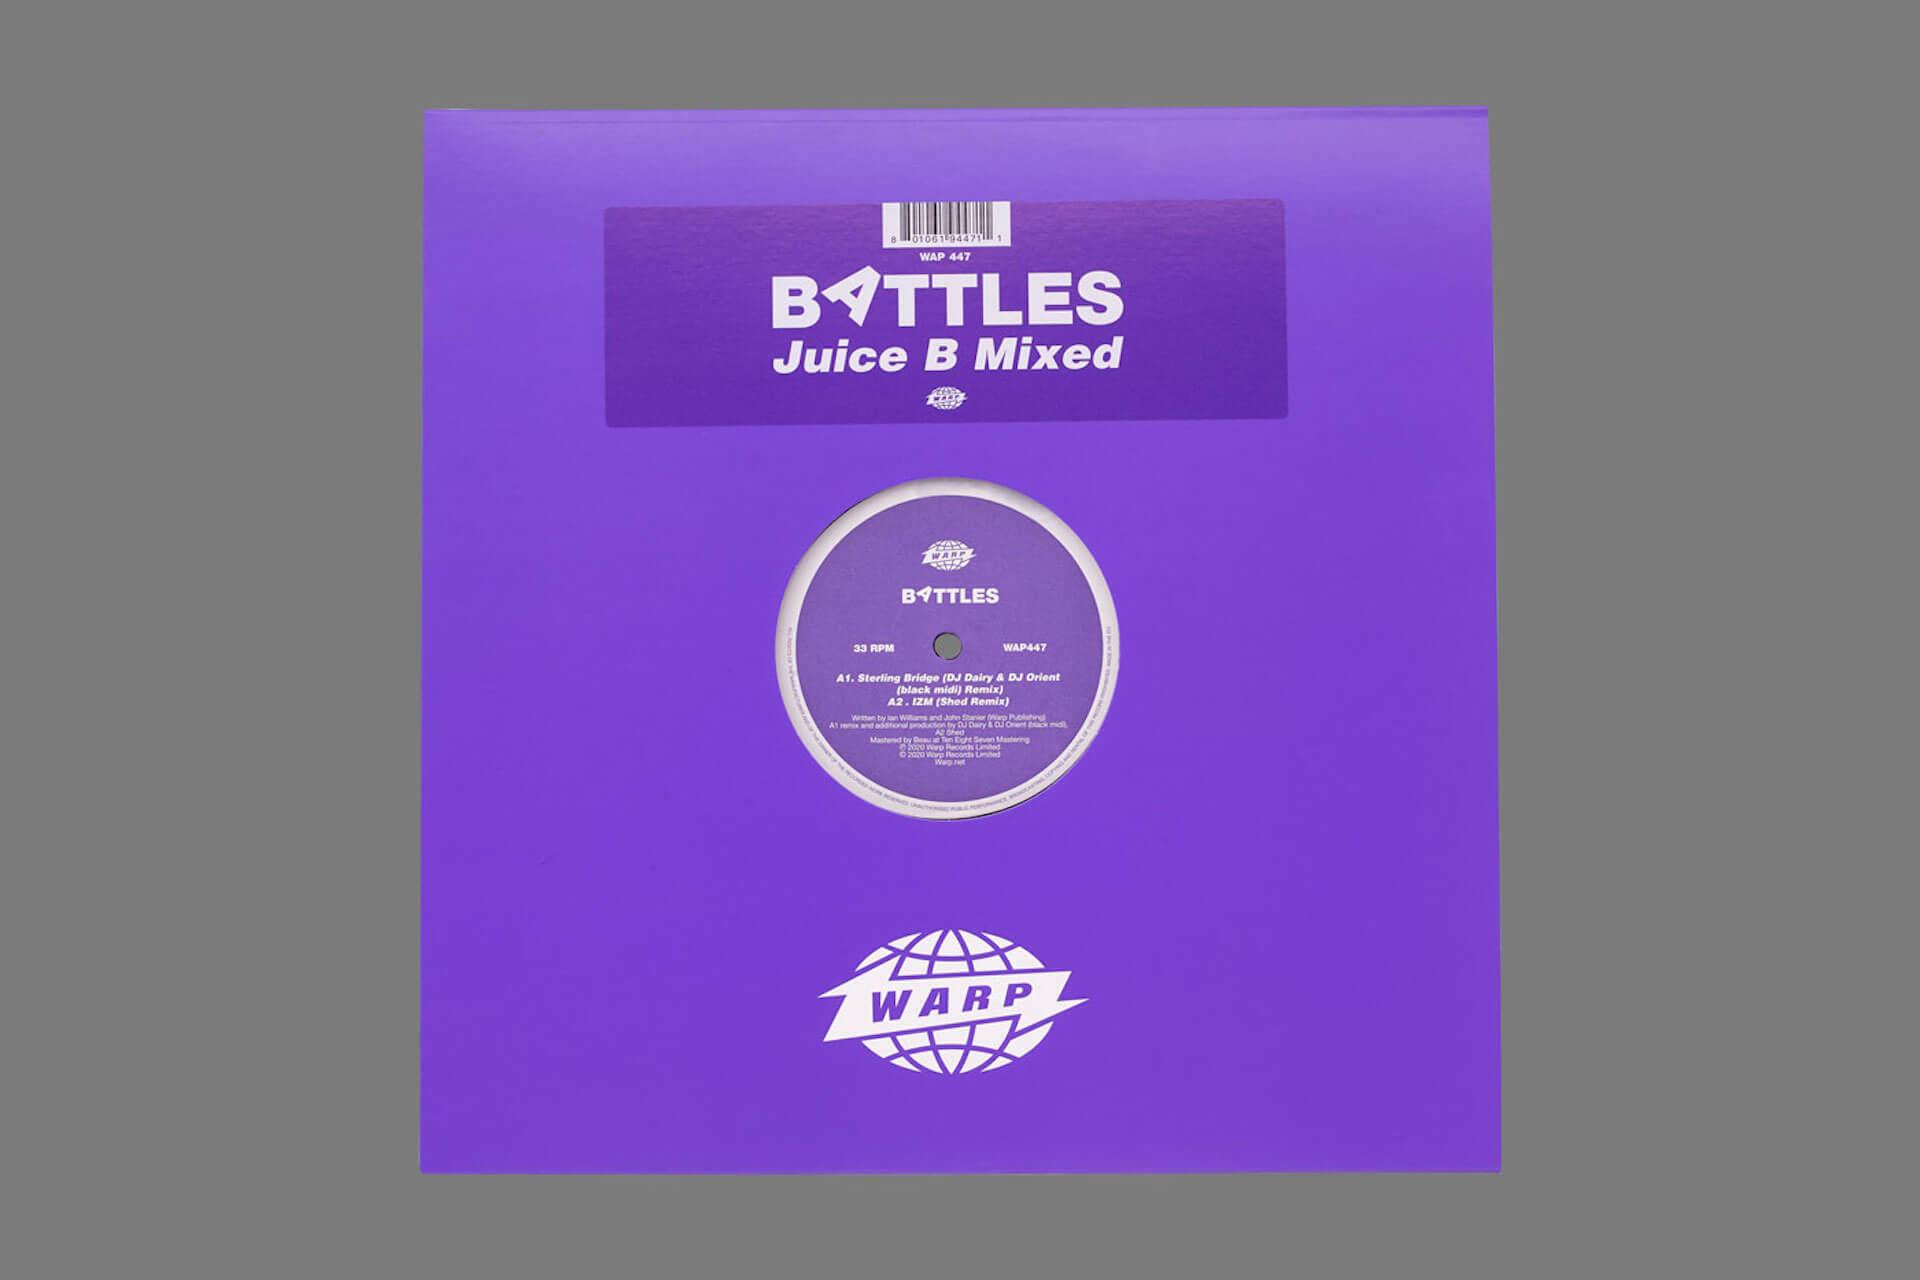 """Battles最新作『Juice B Crypts』のリミックスEP『Juice B Mixed』にblack midi、Shedら参加決定!black midiによるリミックス曲""""Stirling Bridge""""が先行解禁 music201007_battles_6"""